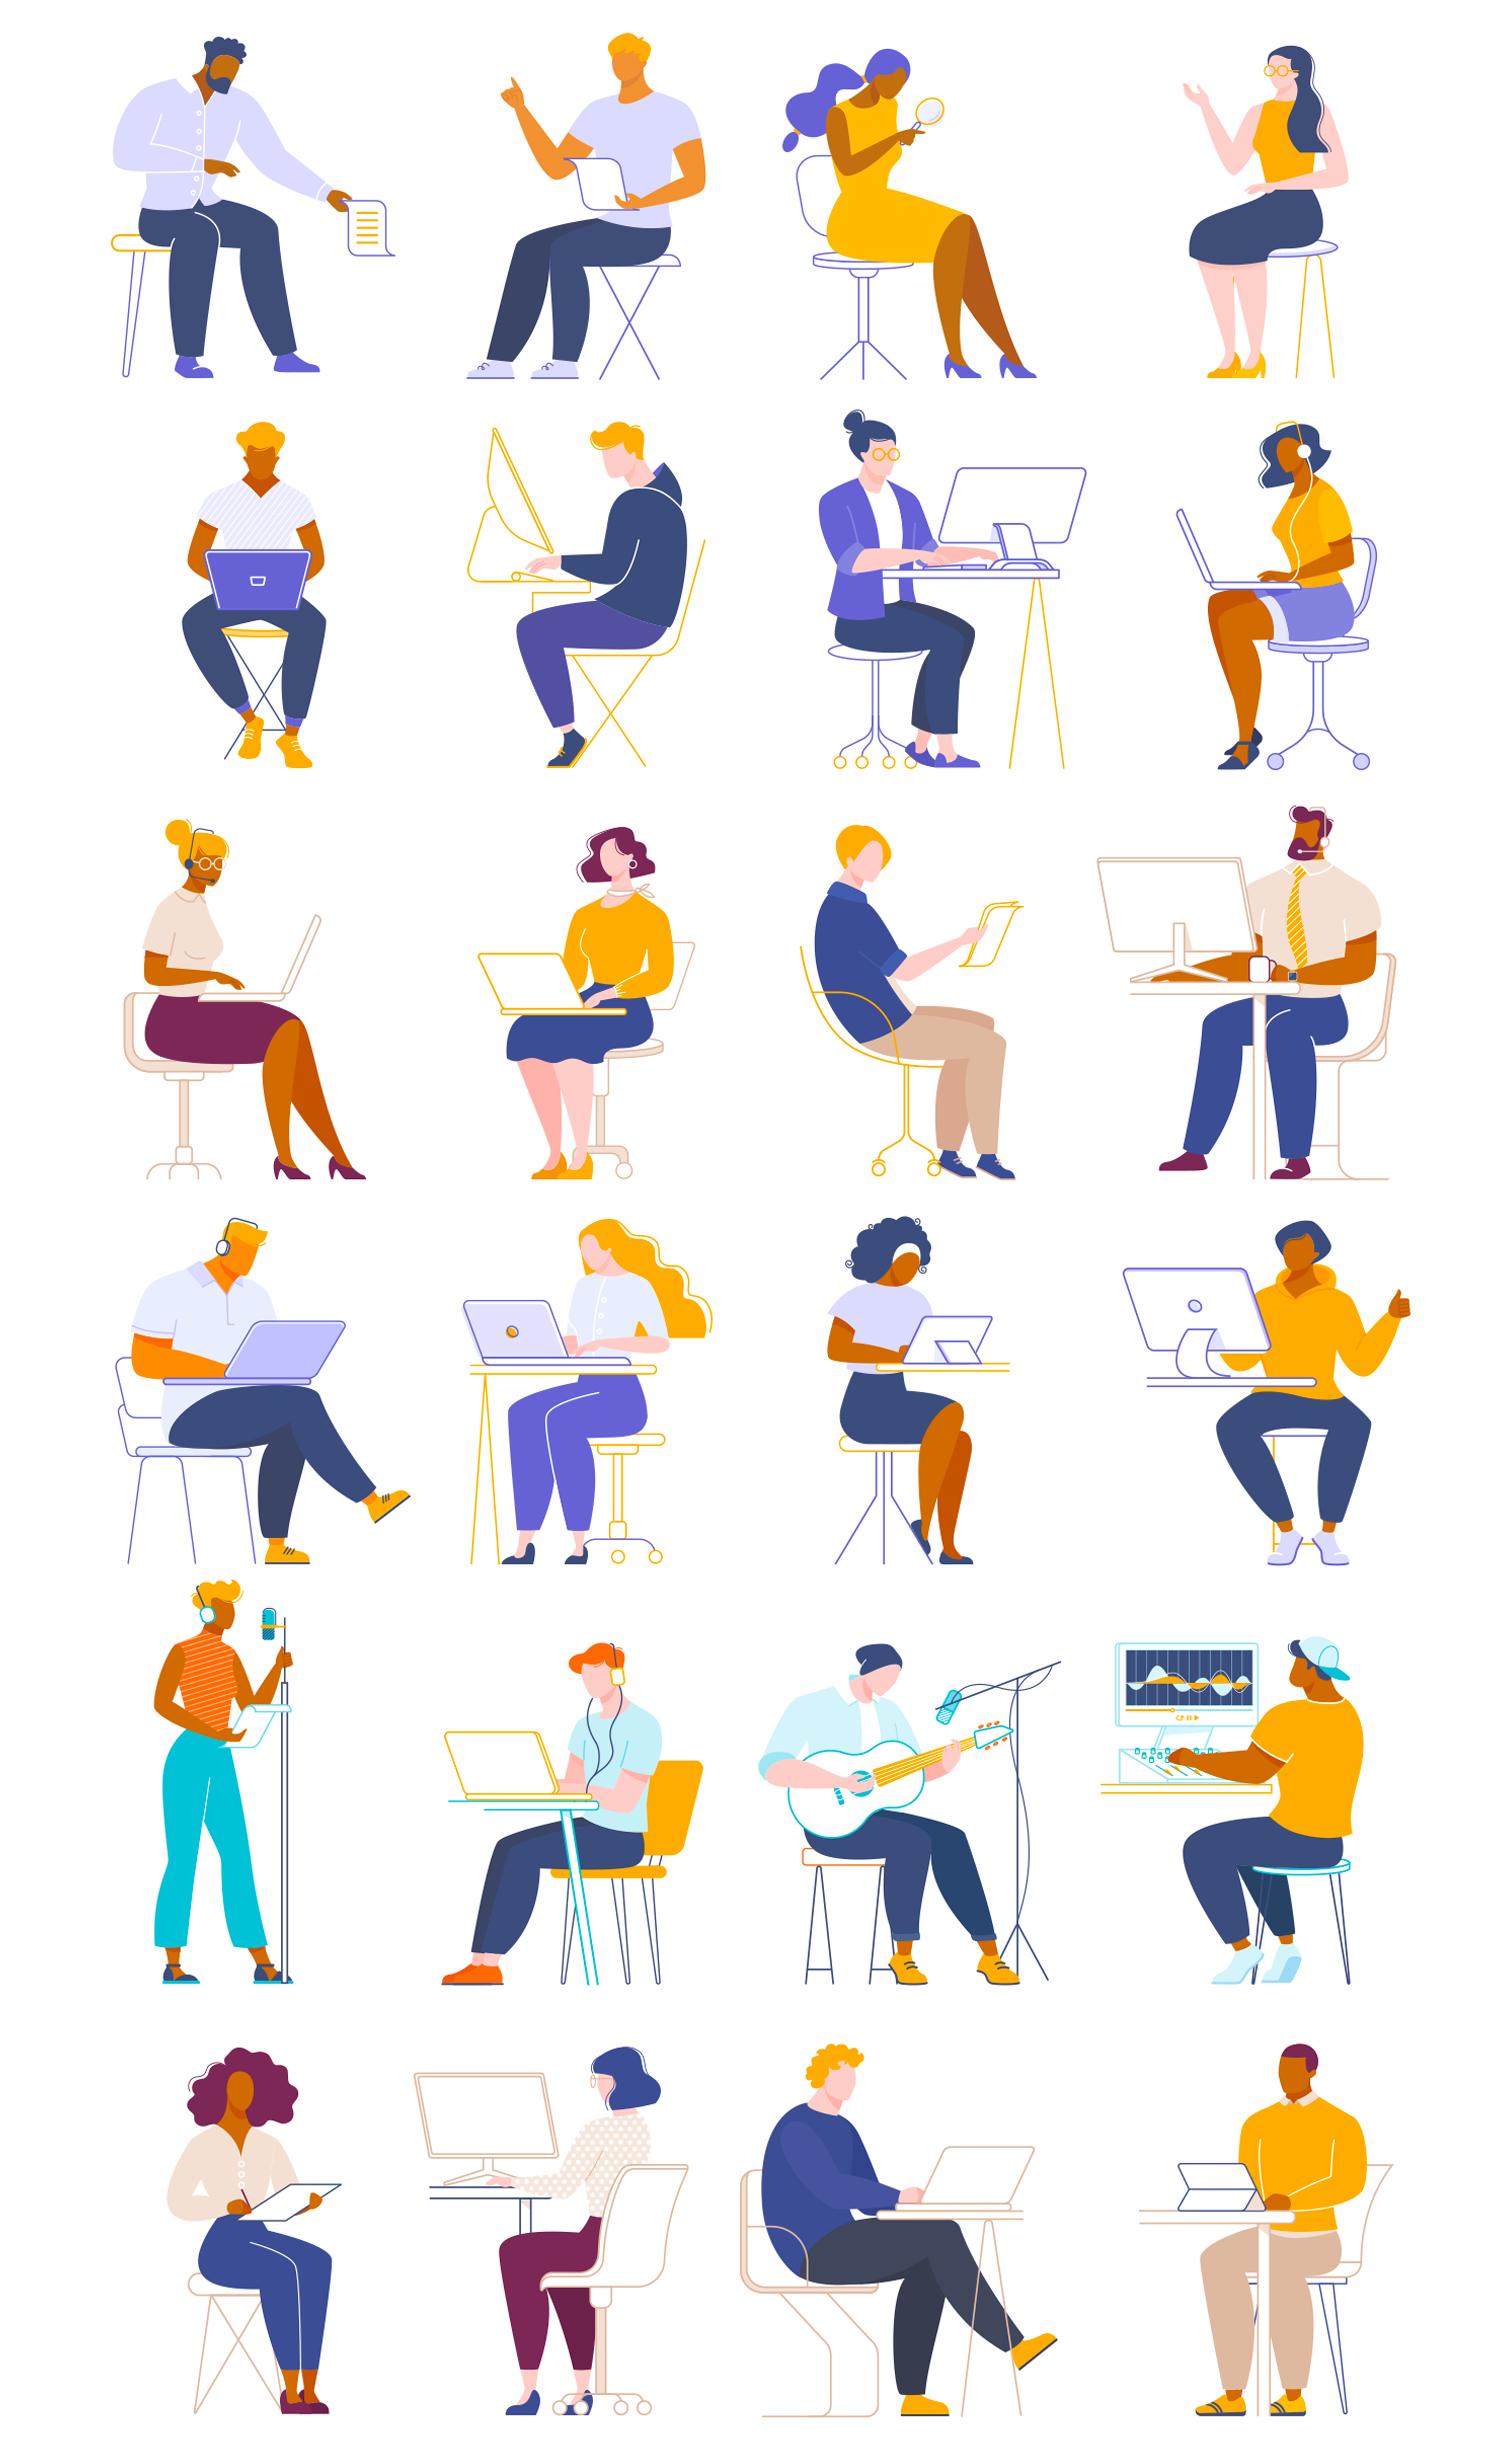 工作&协作主题矢量插画 People Working Collaborating Illustrations插图